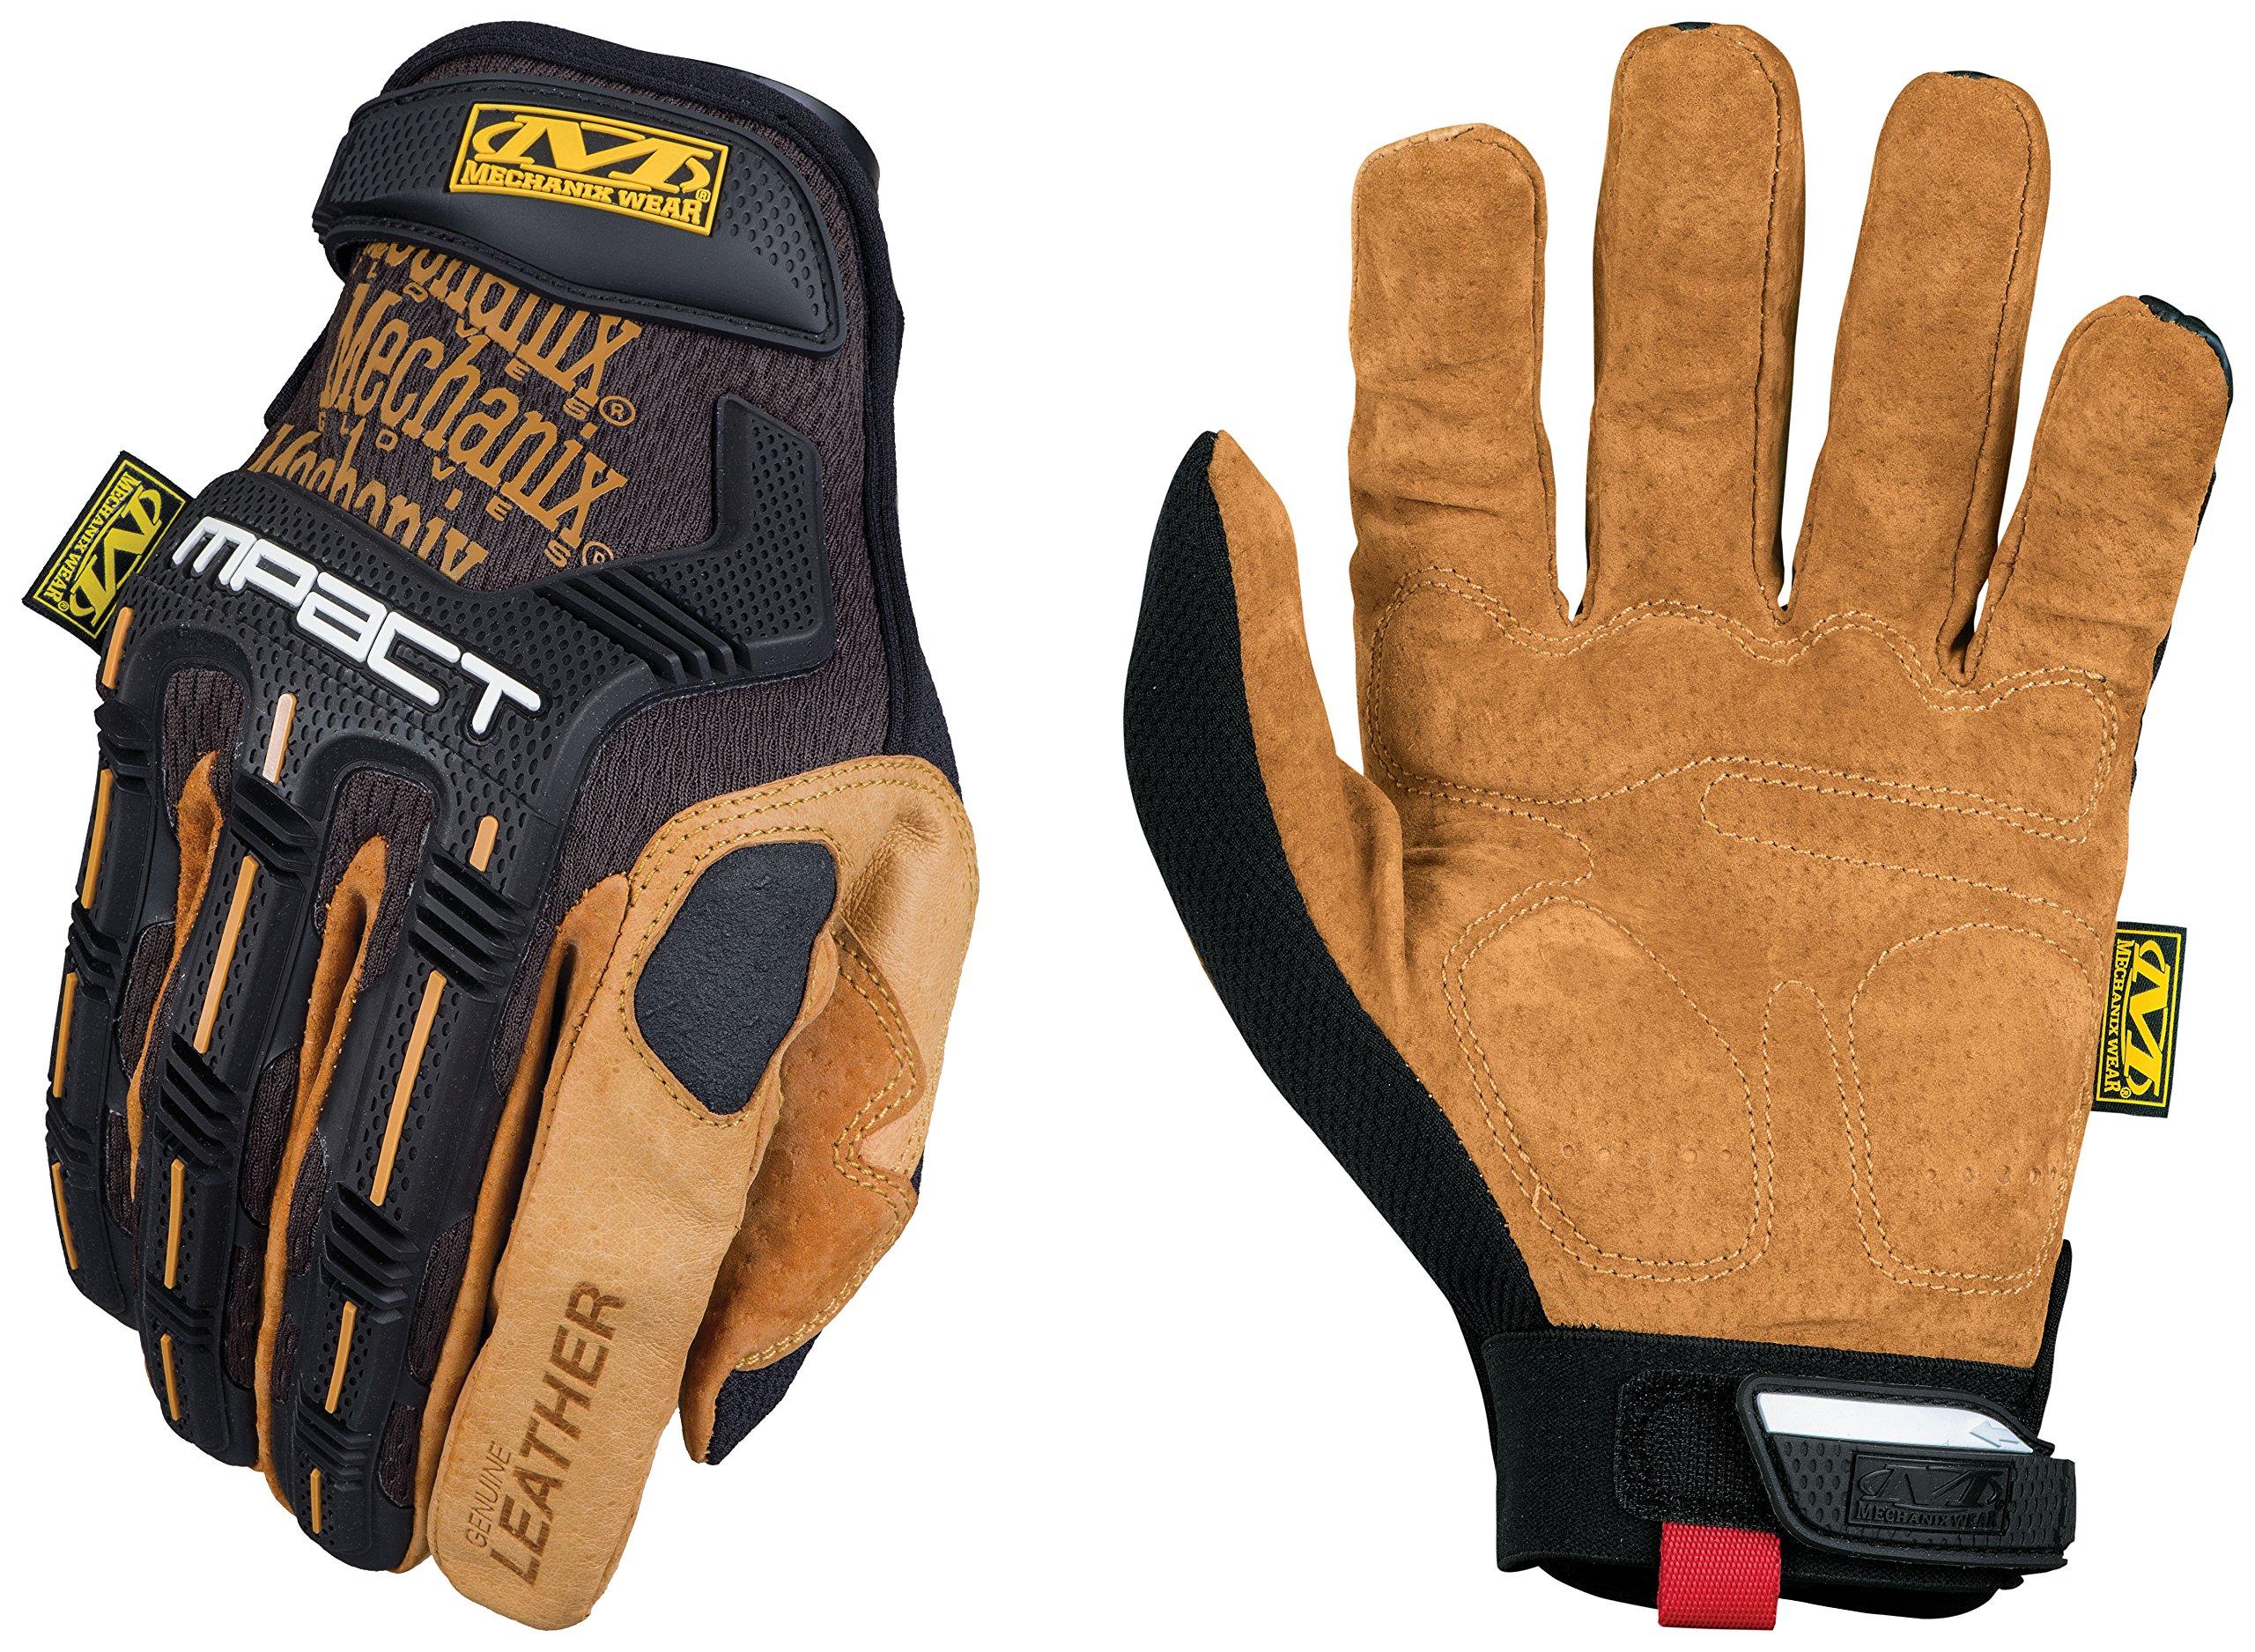 Mechanix Wear - Leather M-Pact Gloves (Large, Black/Brown) by Mechanix Wear